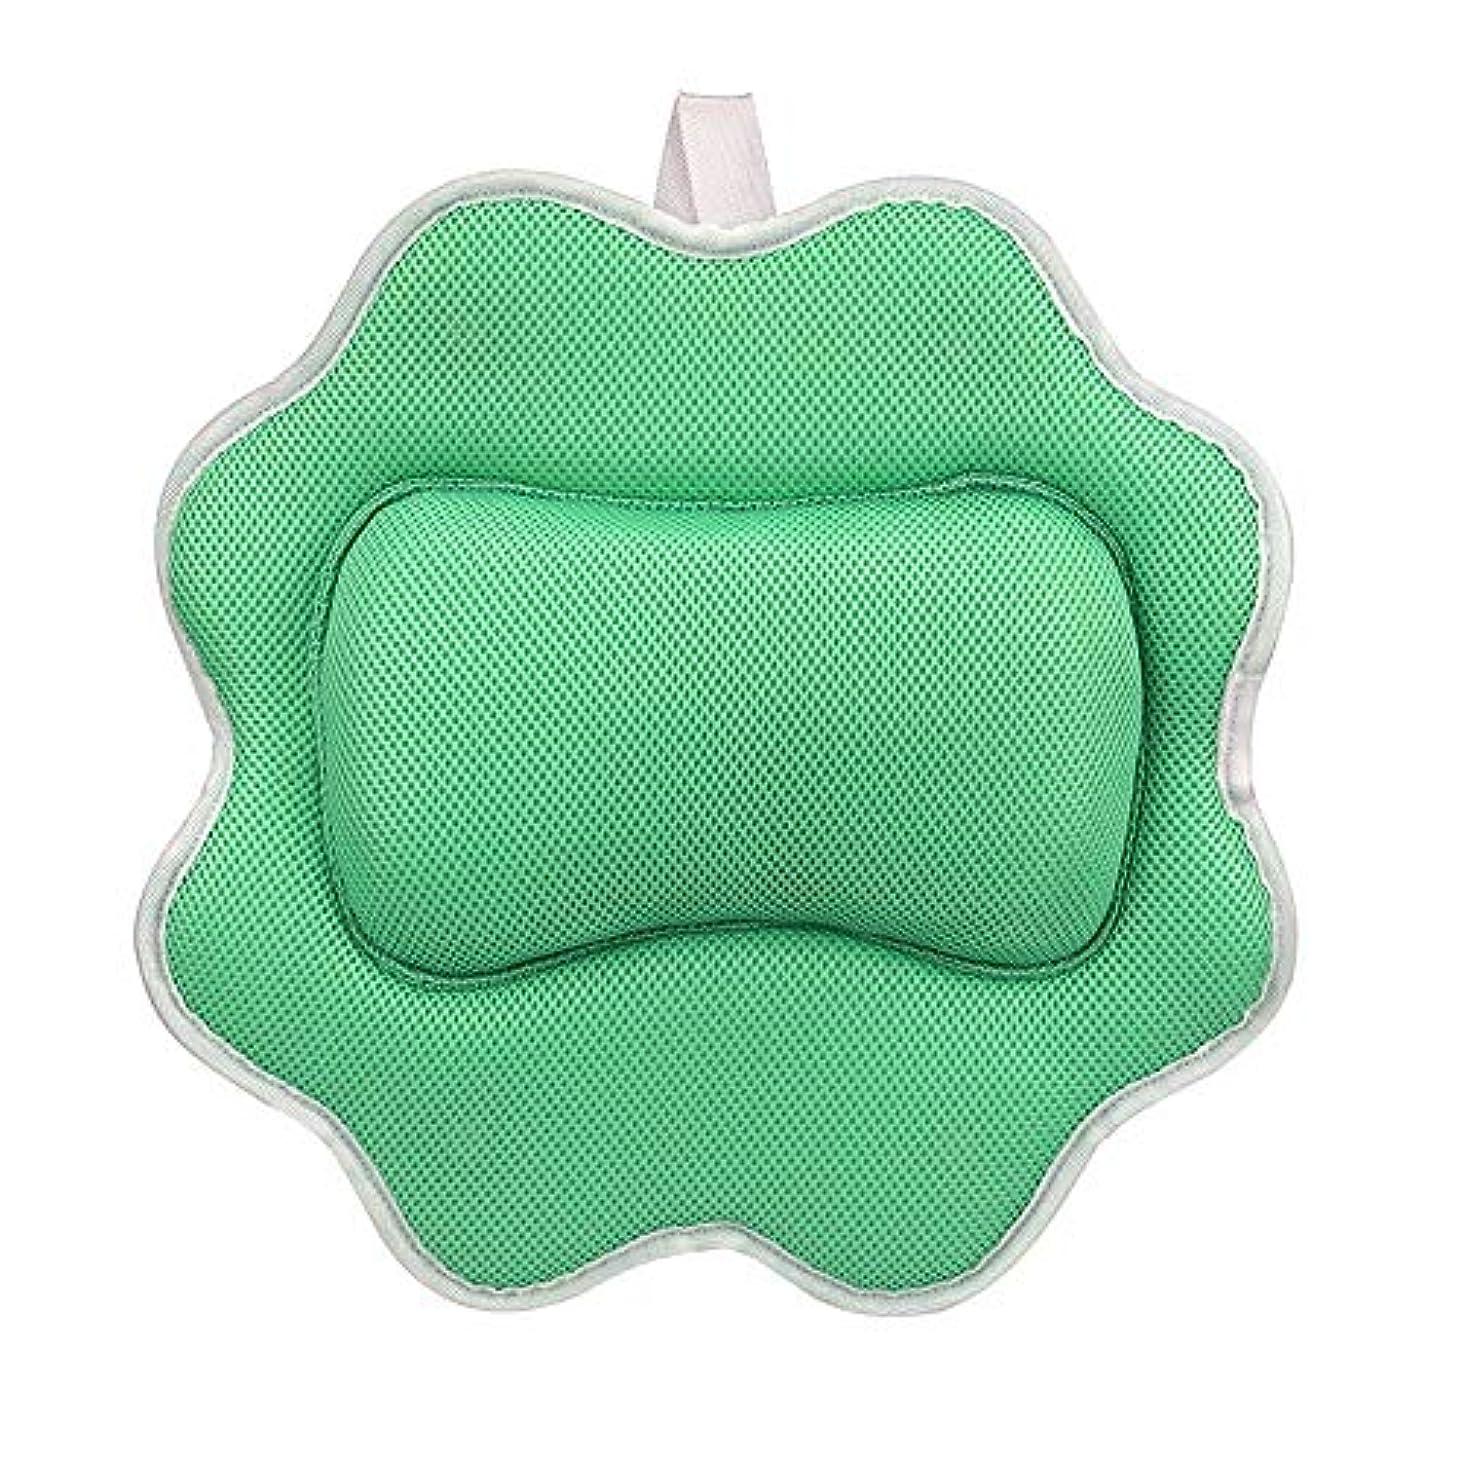 親密な無一文半球サンフラワーバスピロースパマッサージ枕用アップグレード5 dエアーメッシュ技術あなたの肌と首を保護、洗濯機で洗えます